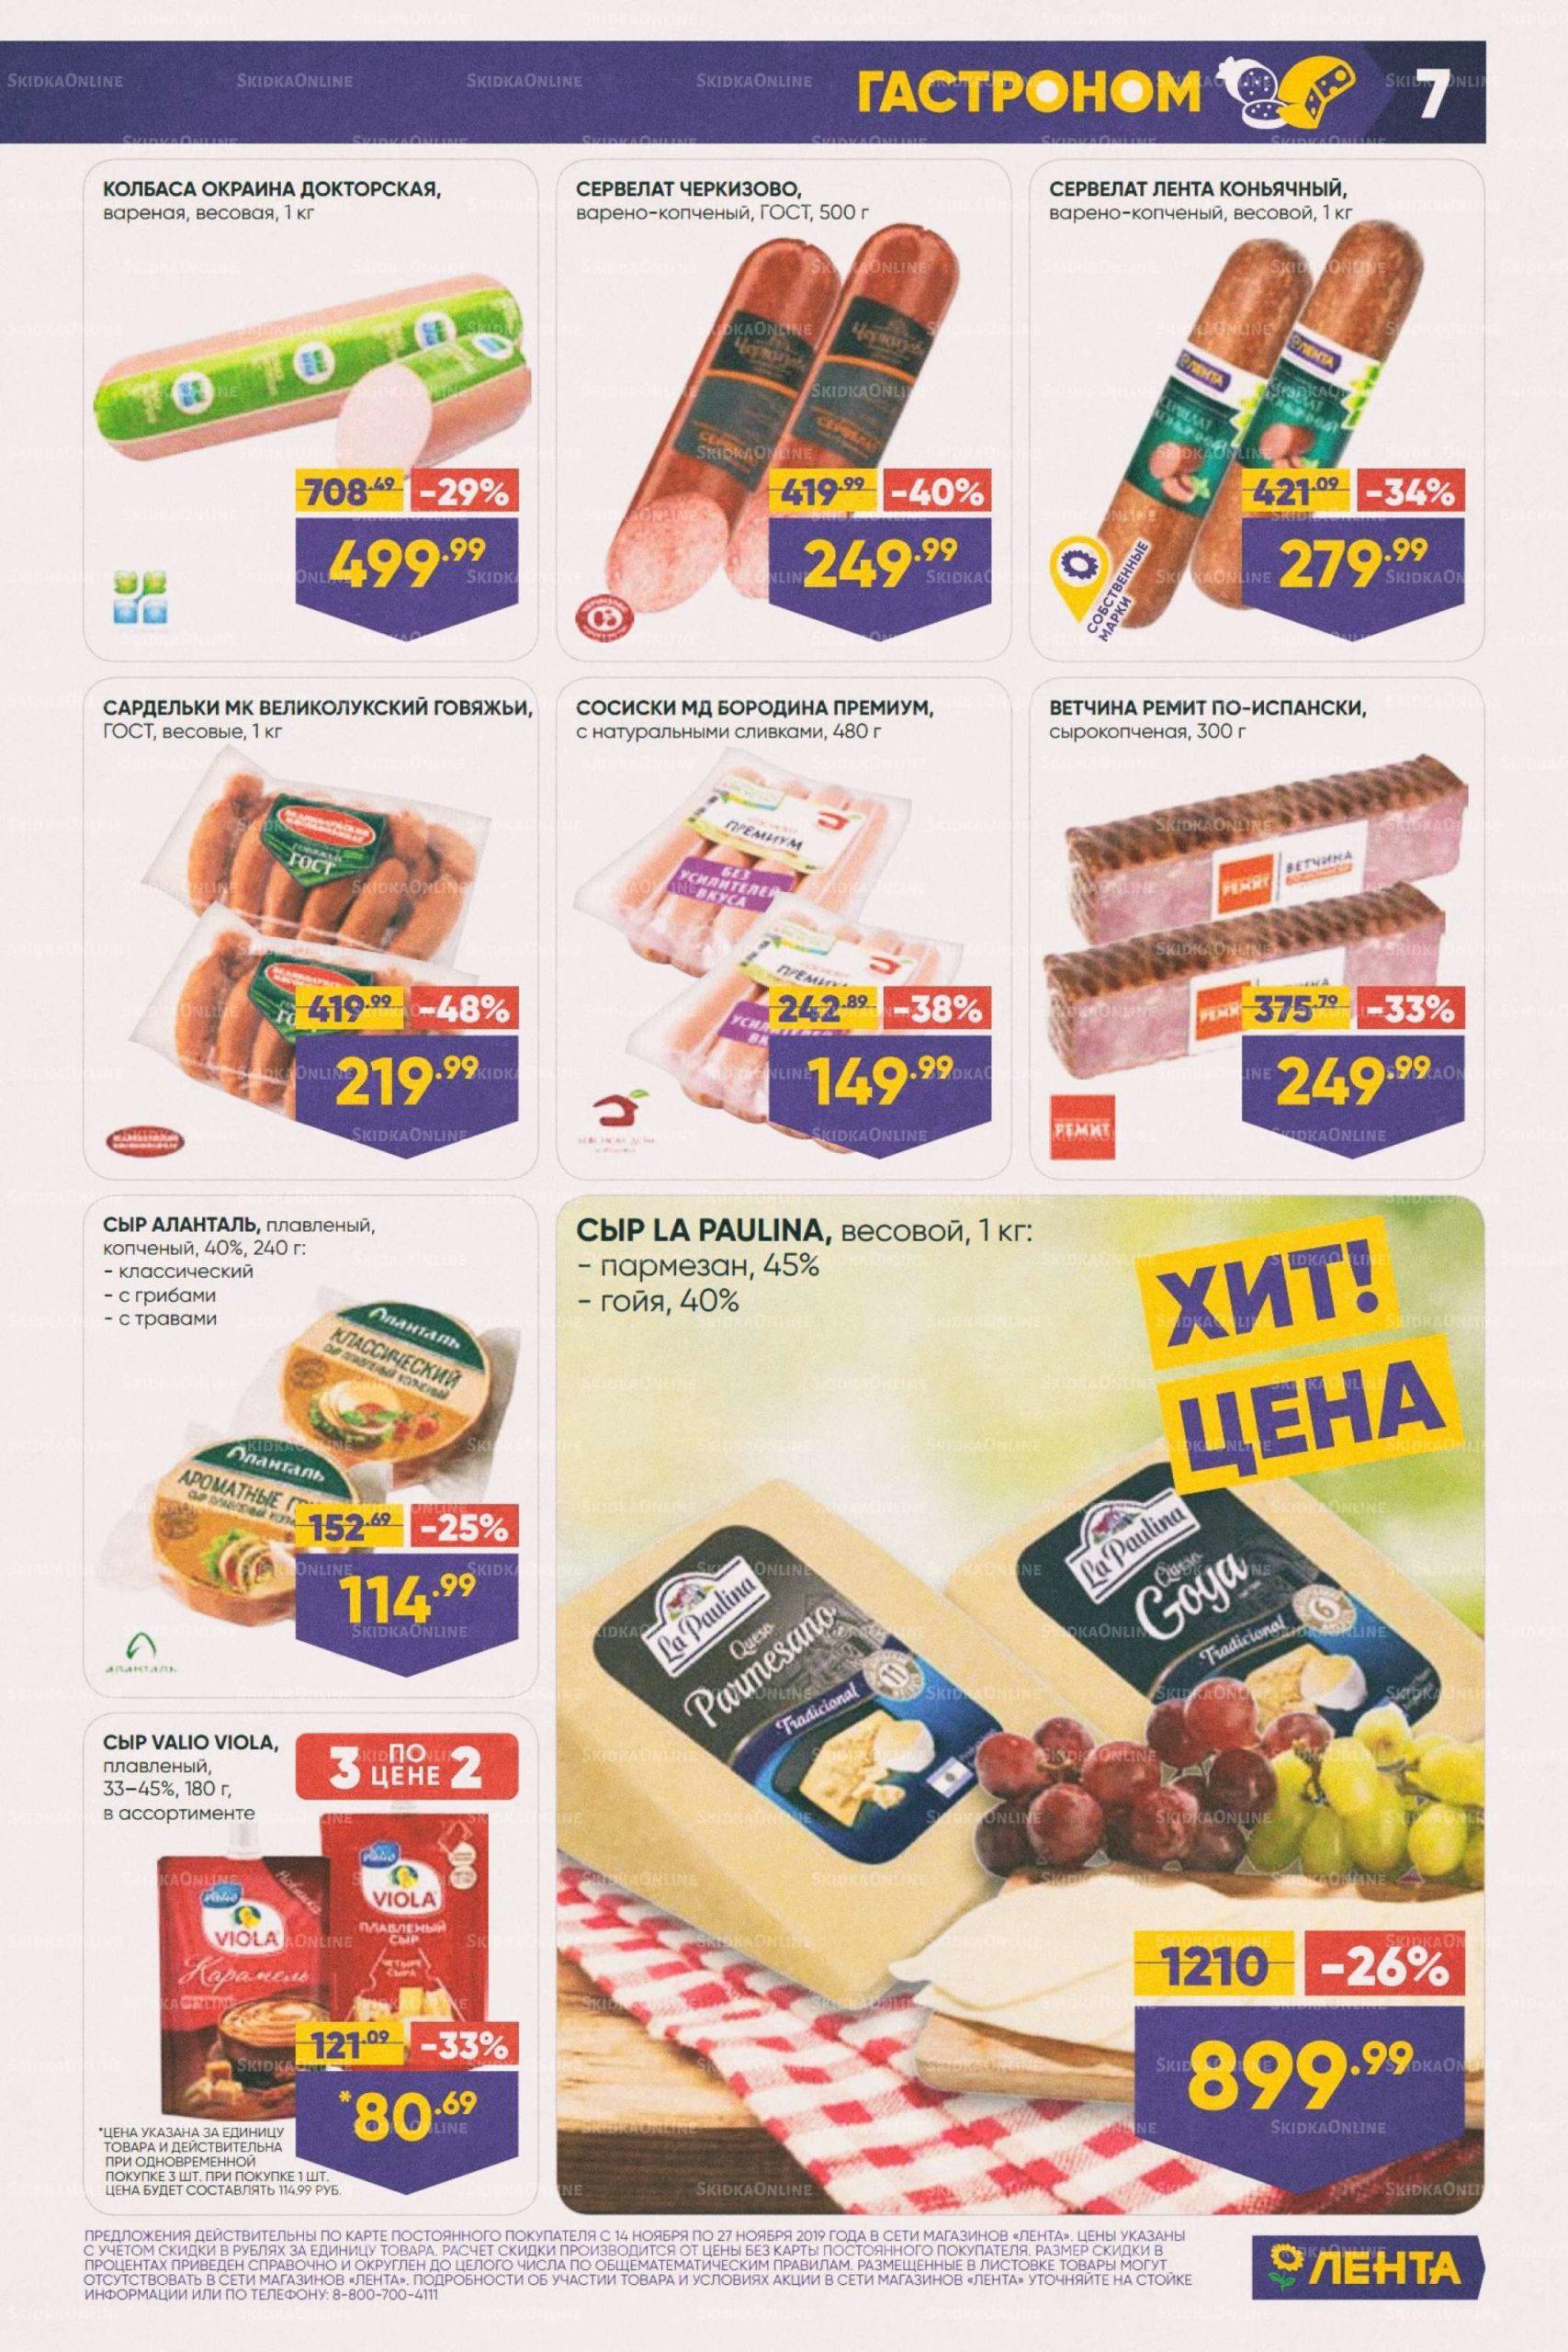 Акции в Ленте с 14 по 27 ноября 2019 года